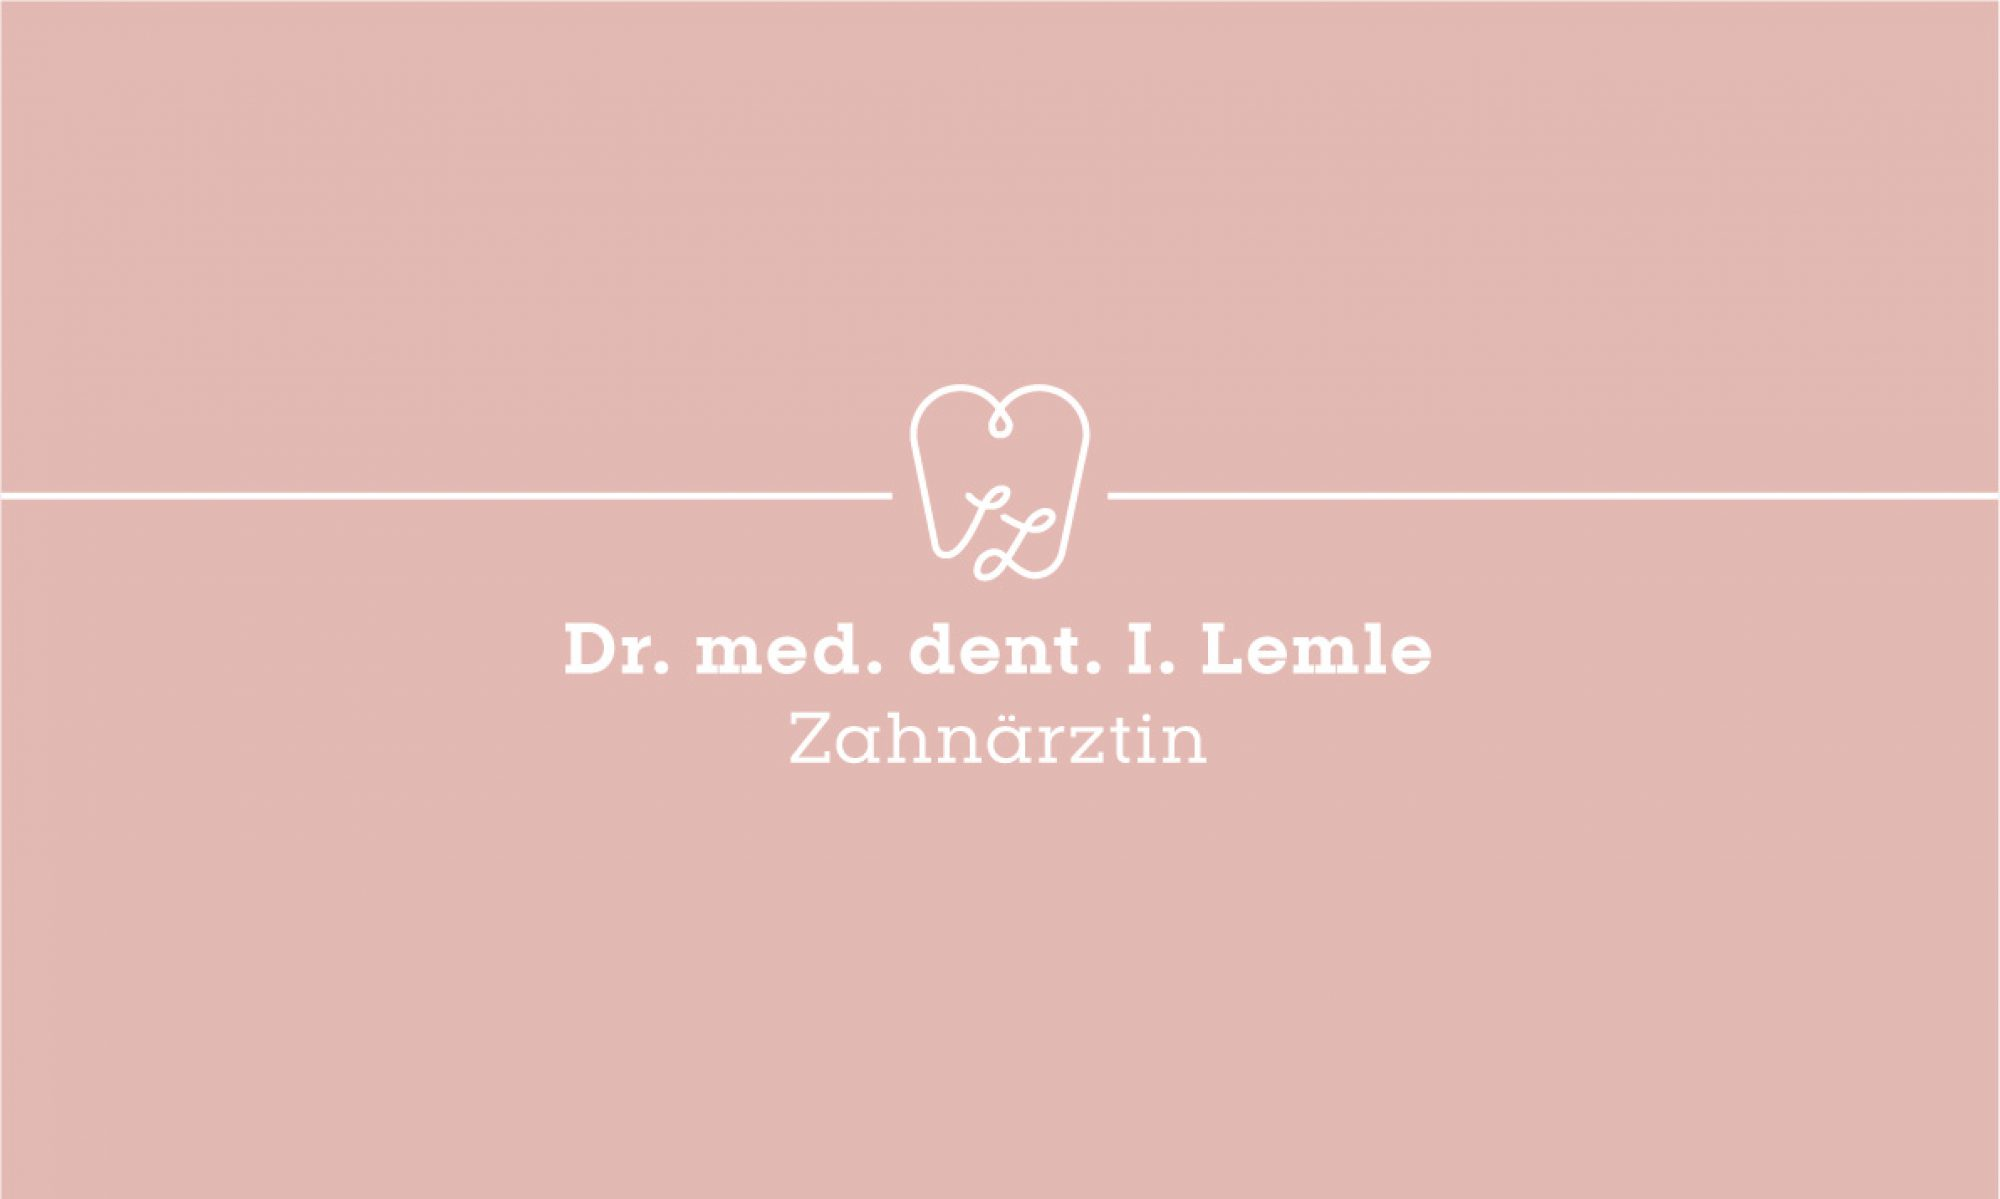 Zahnärztin Dr. Lemle